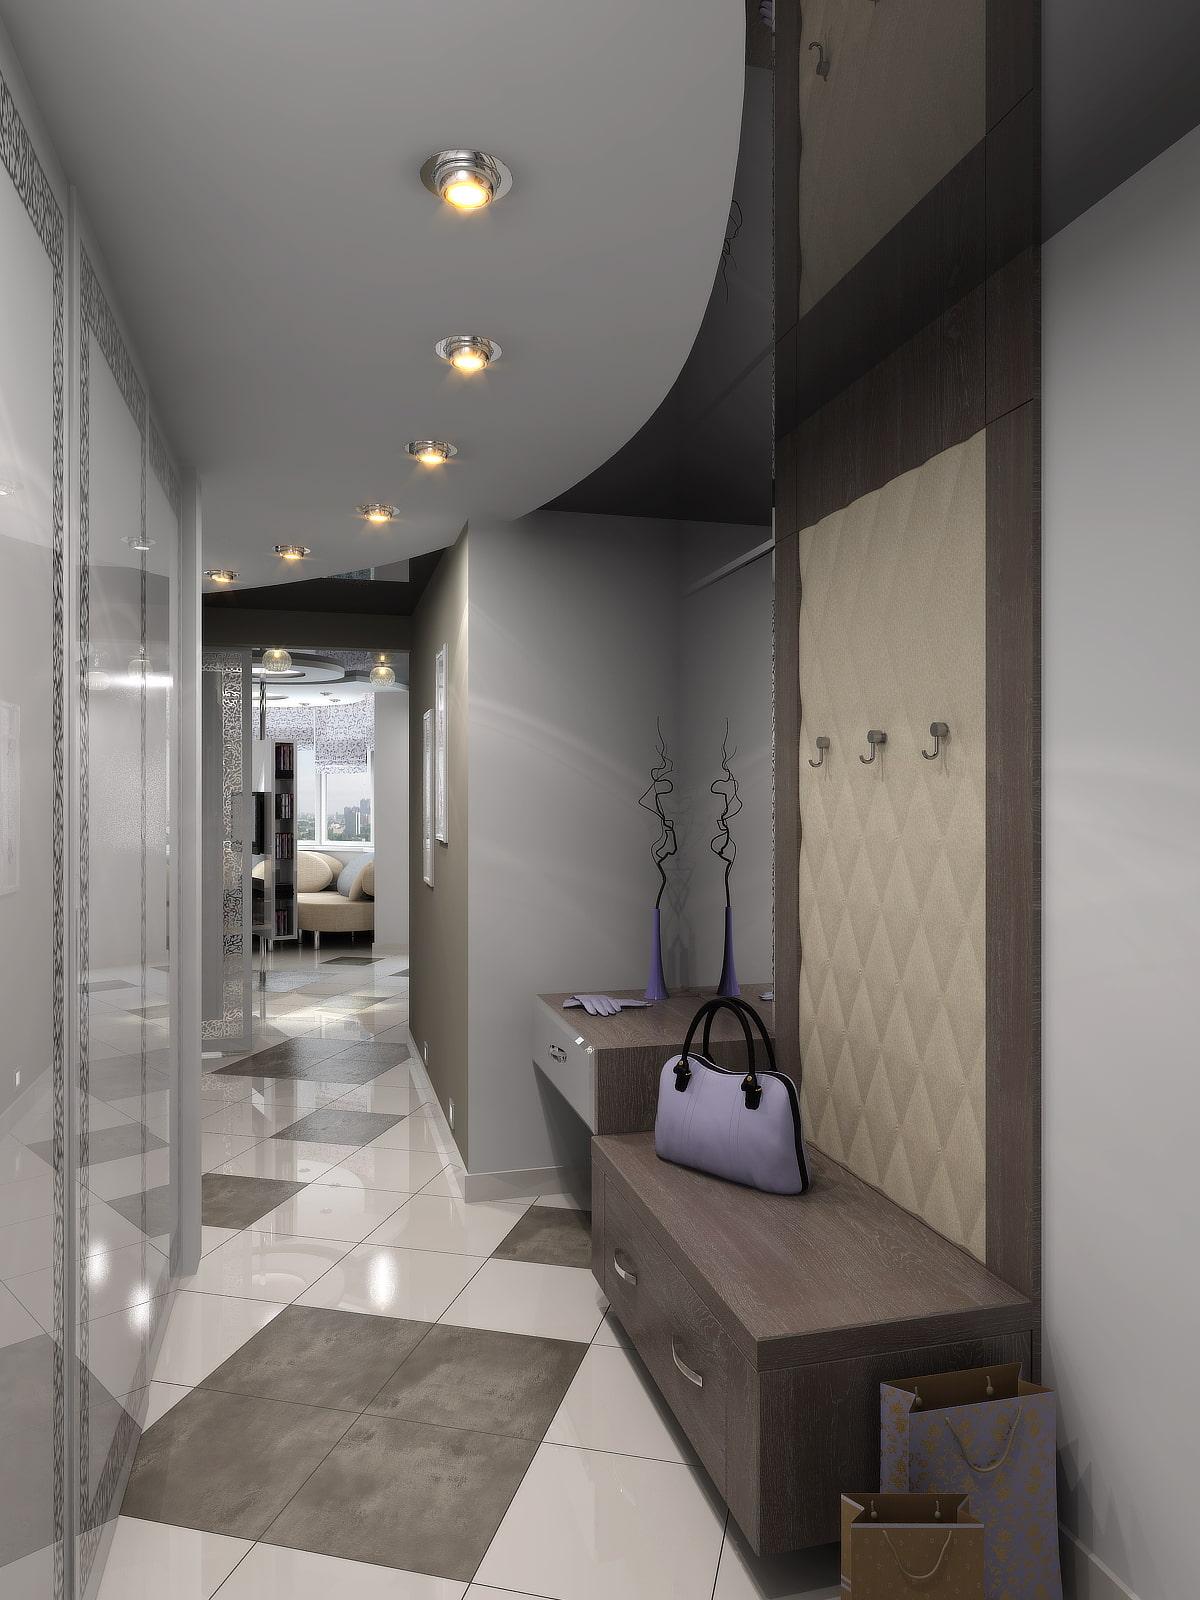 Дизайн прачечной комнаты фото в квартире только